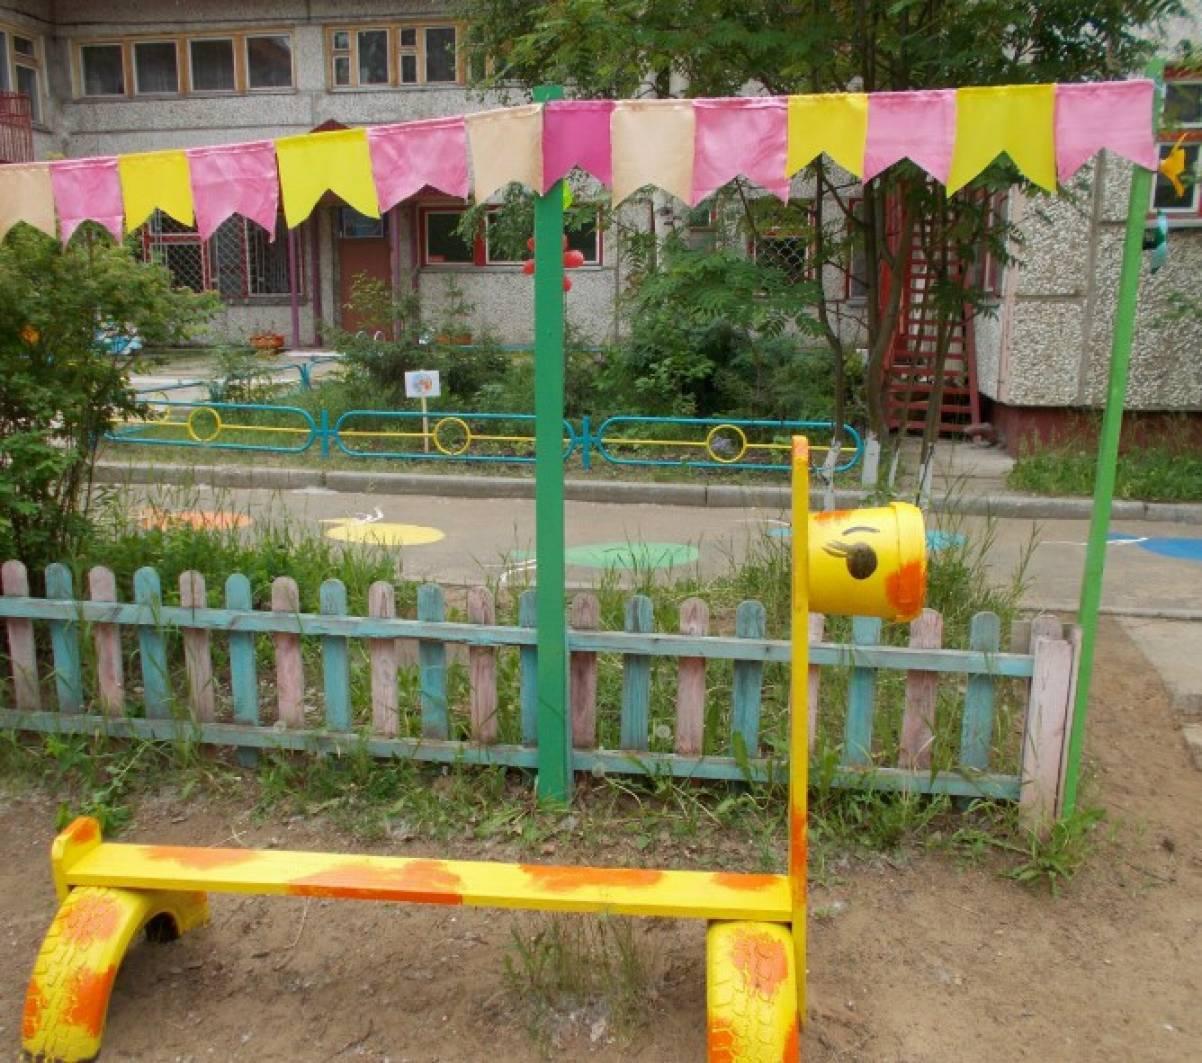 Оформление на участке детского сада своими руками фото 2